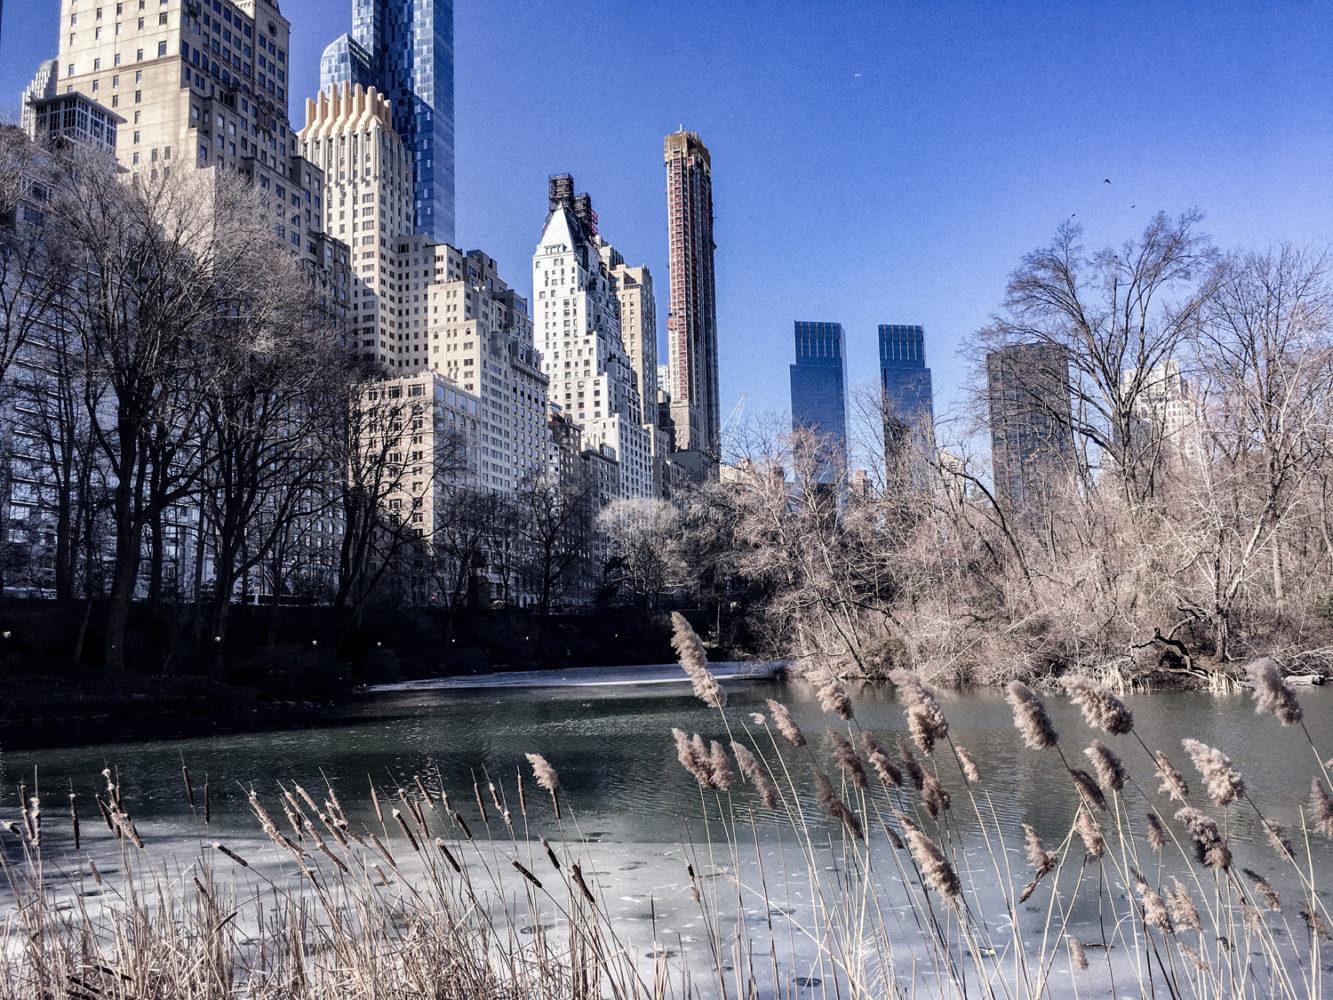 La vue sur le lac et les buildings depuis Central Park